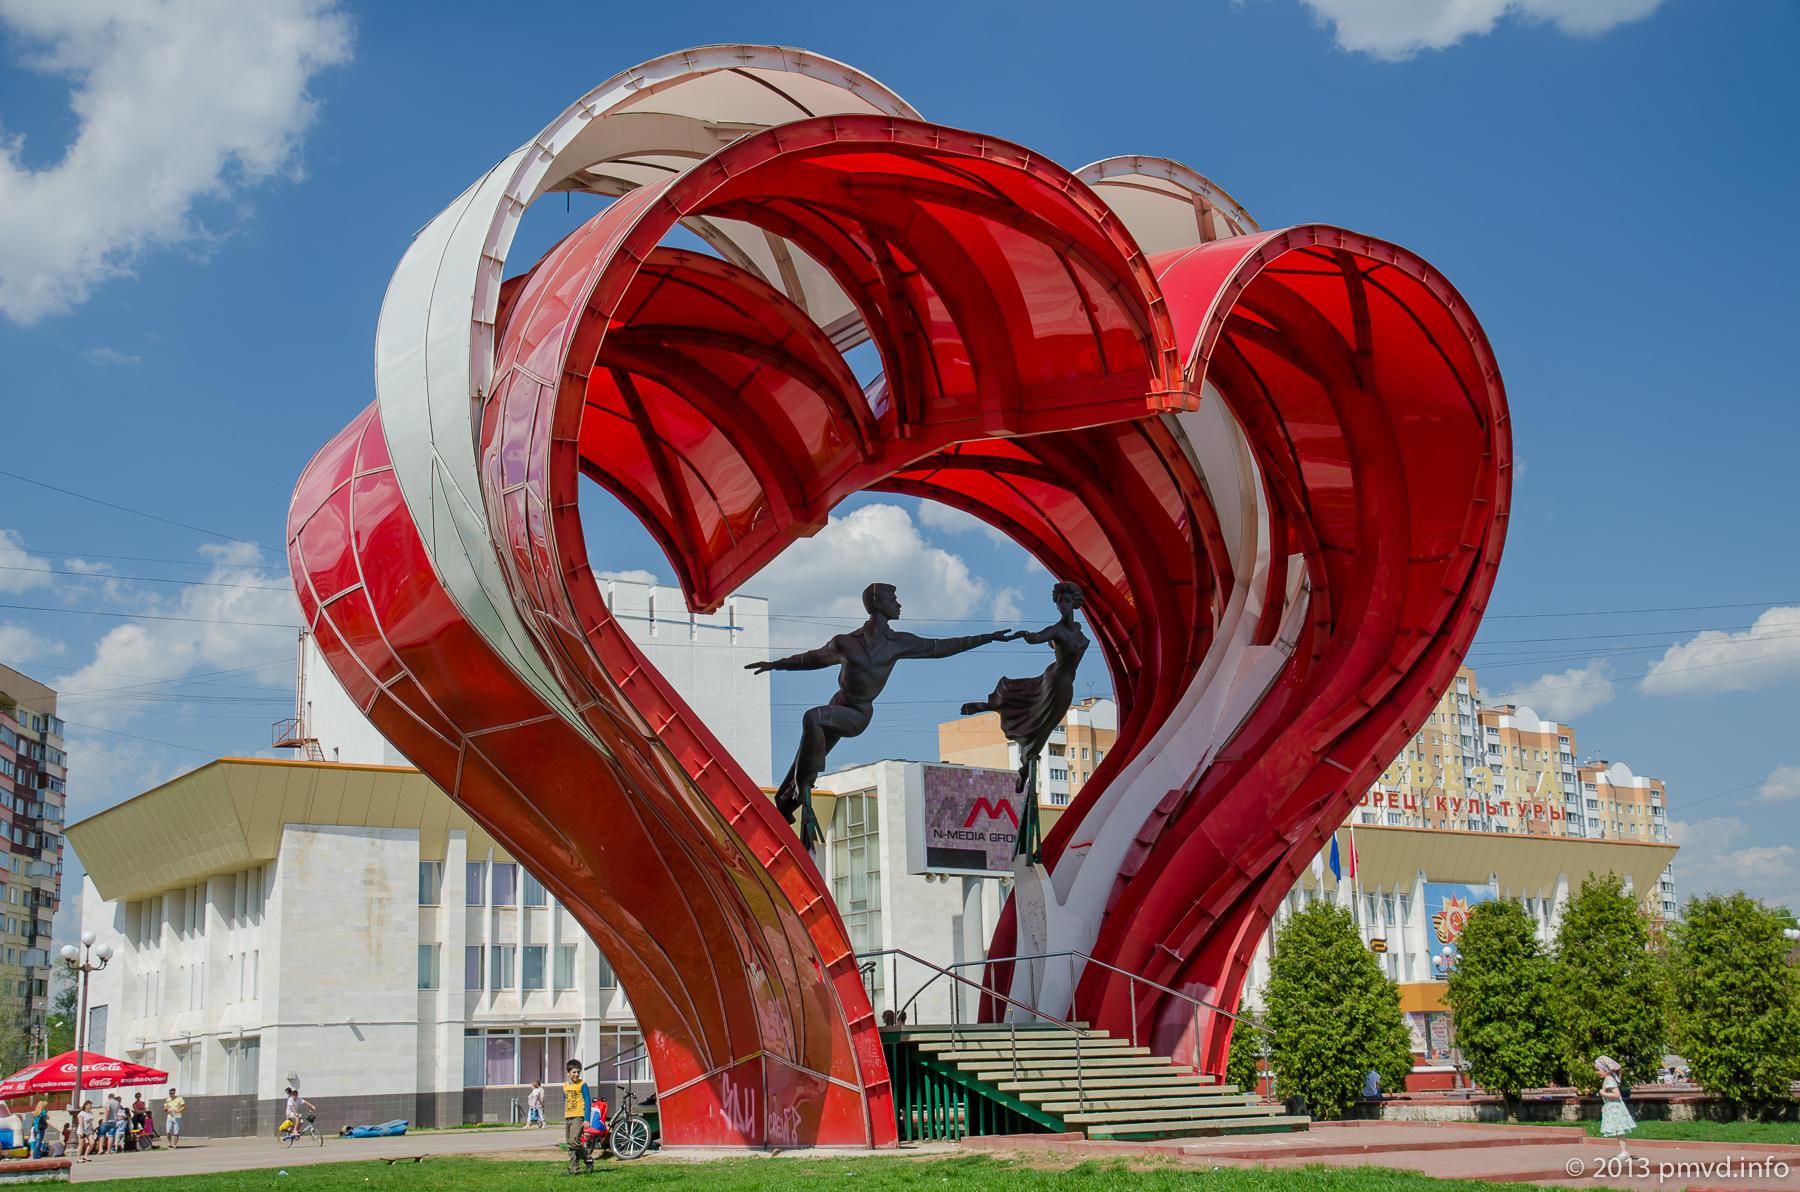 Где отметить 14 февраля: 5 самых романтичных памятников влюбленным в России